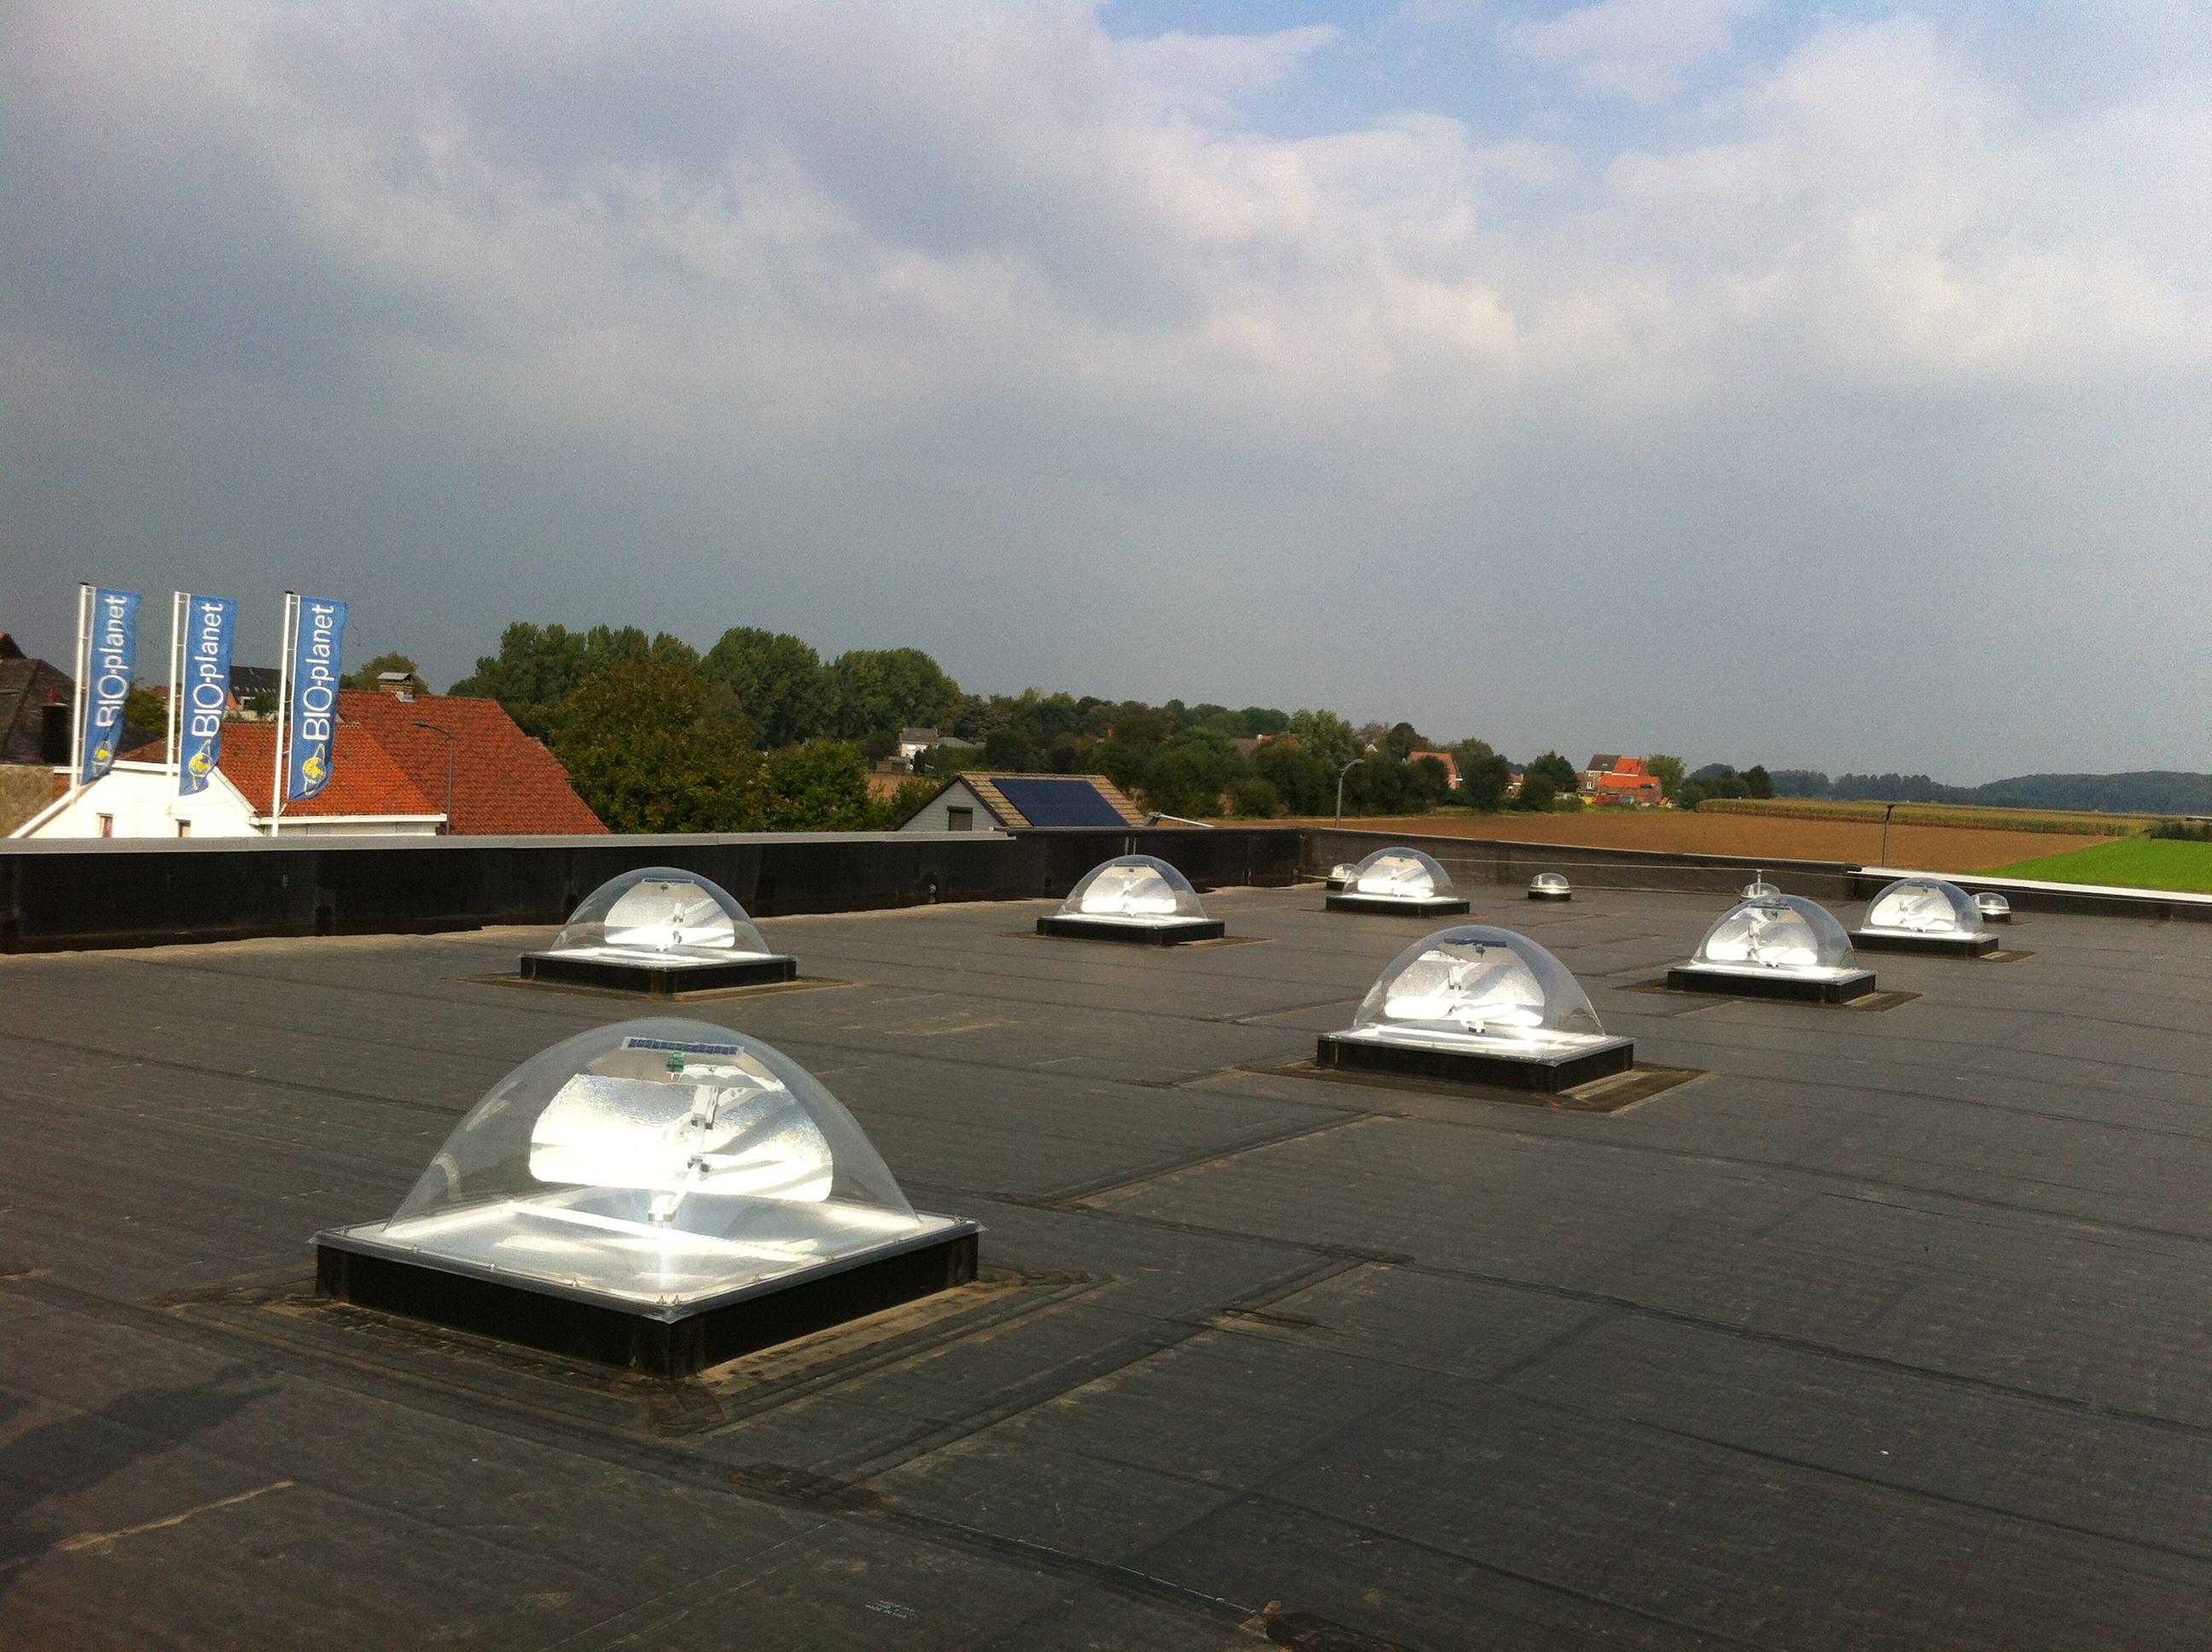 skylight-dome-bio-planet-nossegem-01